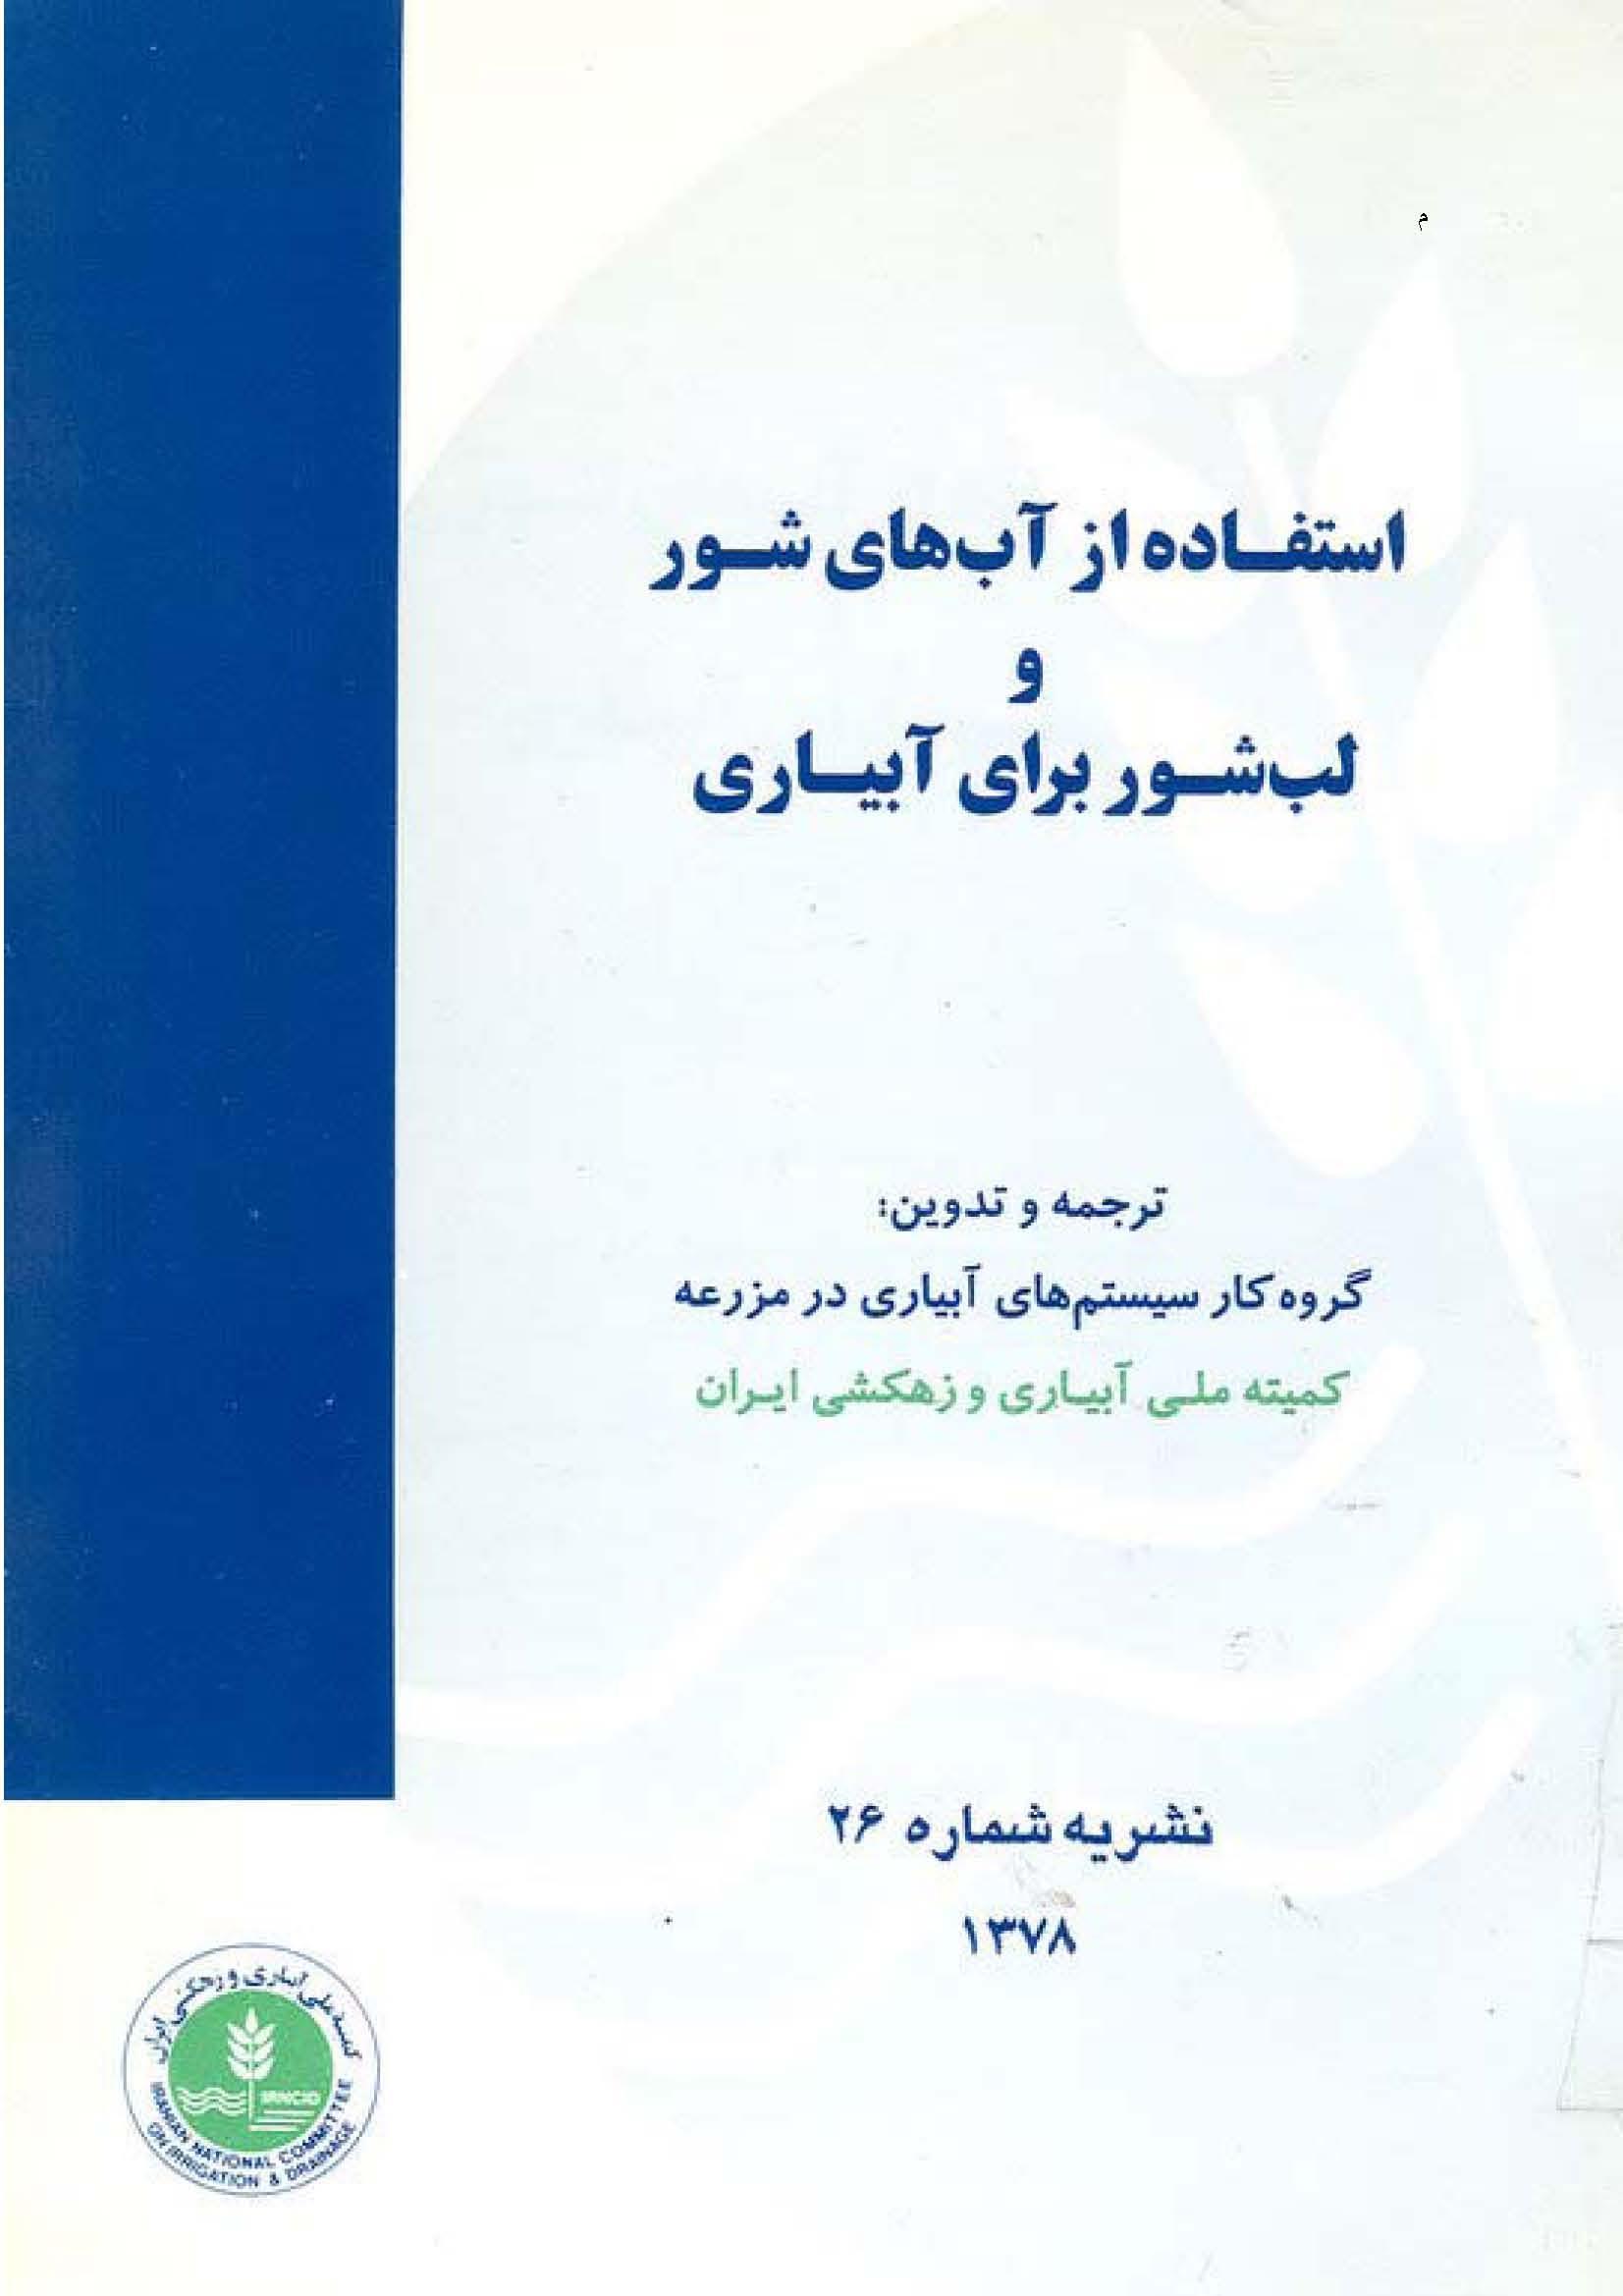 دانلود کتاب کشاورزی استفاده از آب های شور برای آبیاری